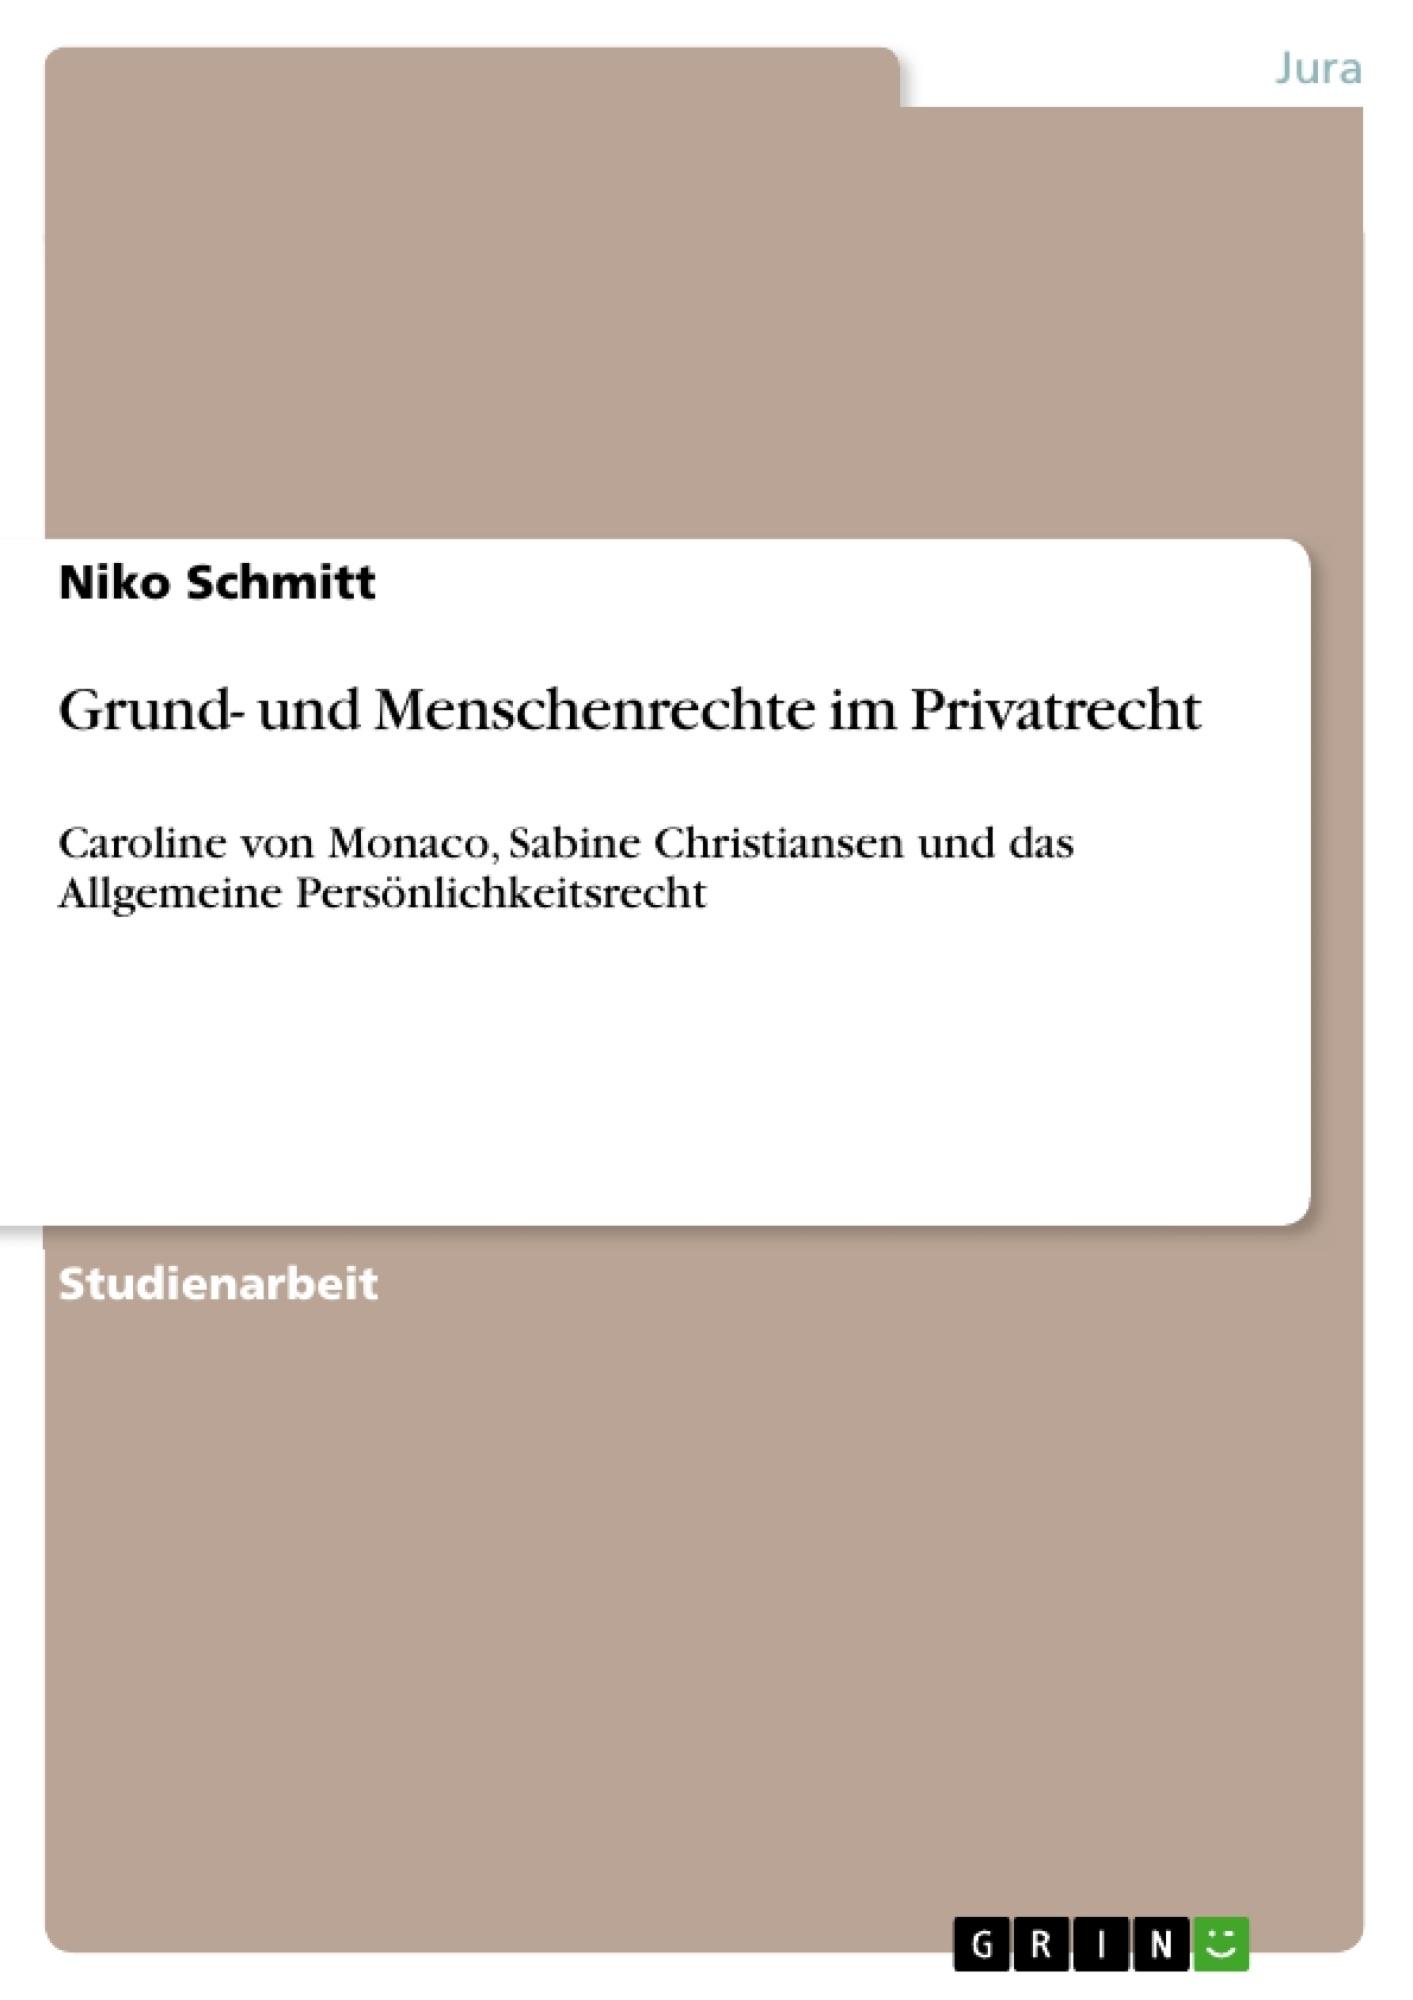 Titel: Grund- und Menschenrechte im Privatrecht